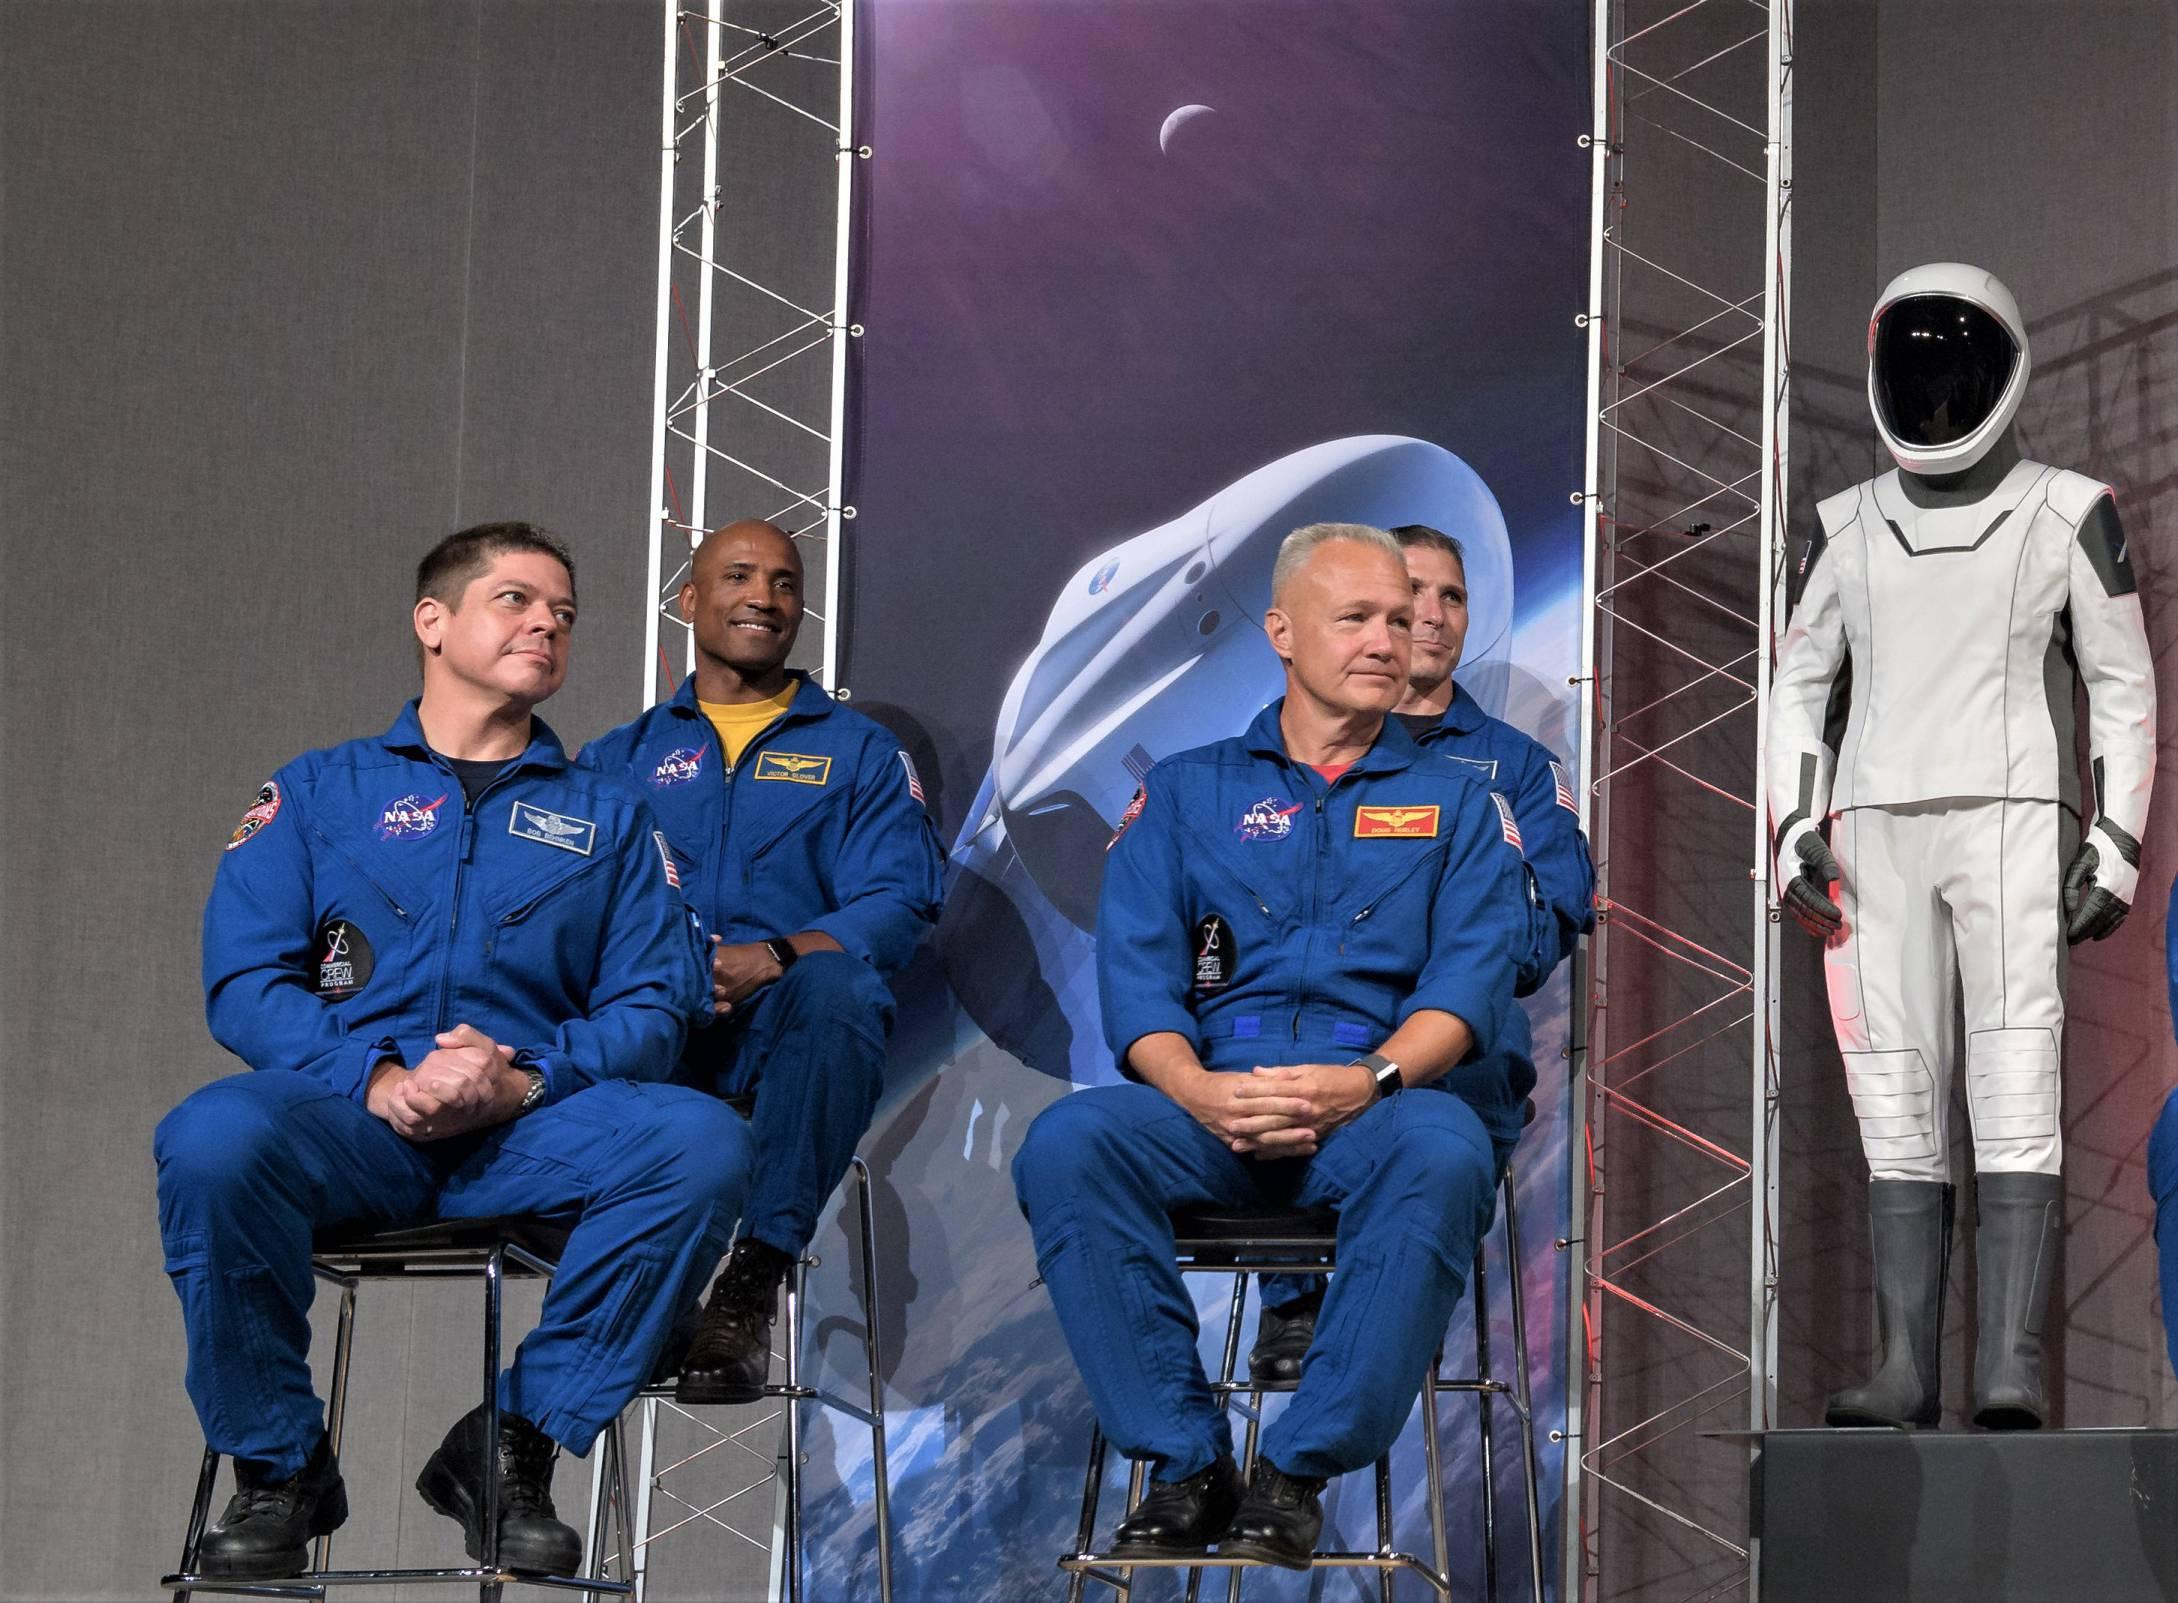 SpaceX spacesuit on display 080318 (NASA) 1(c)